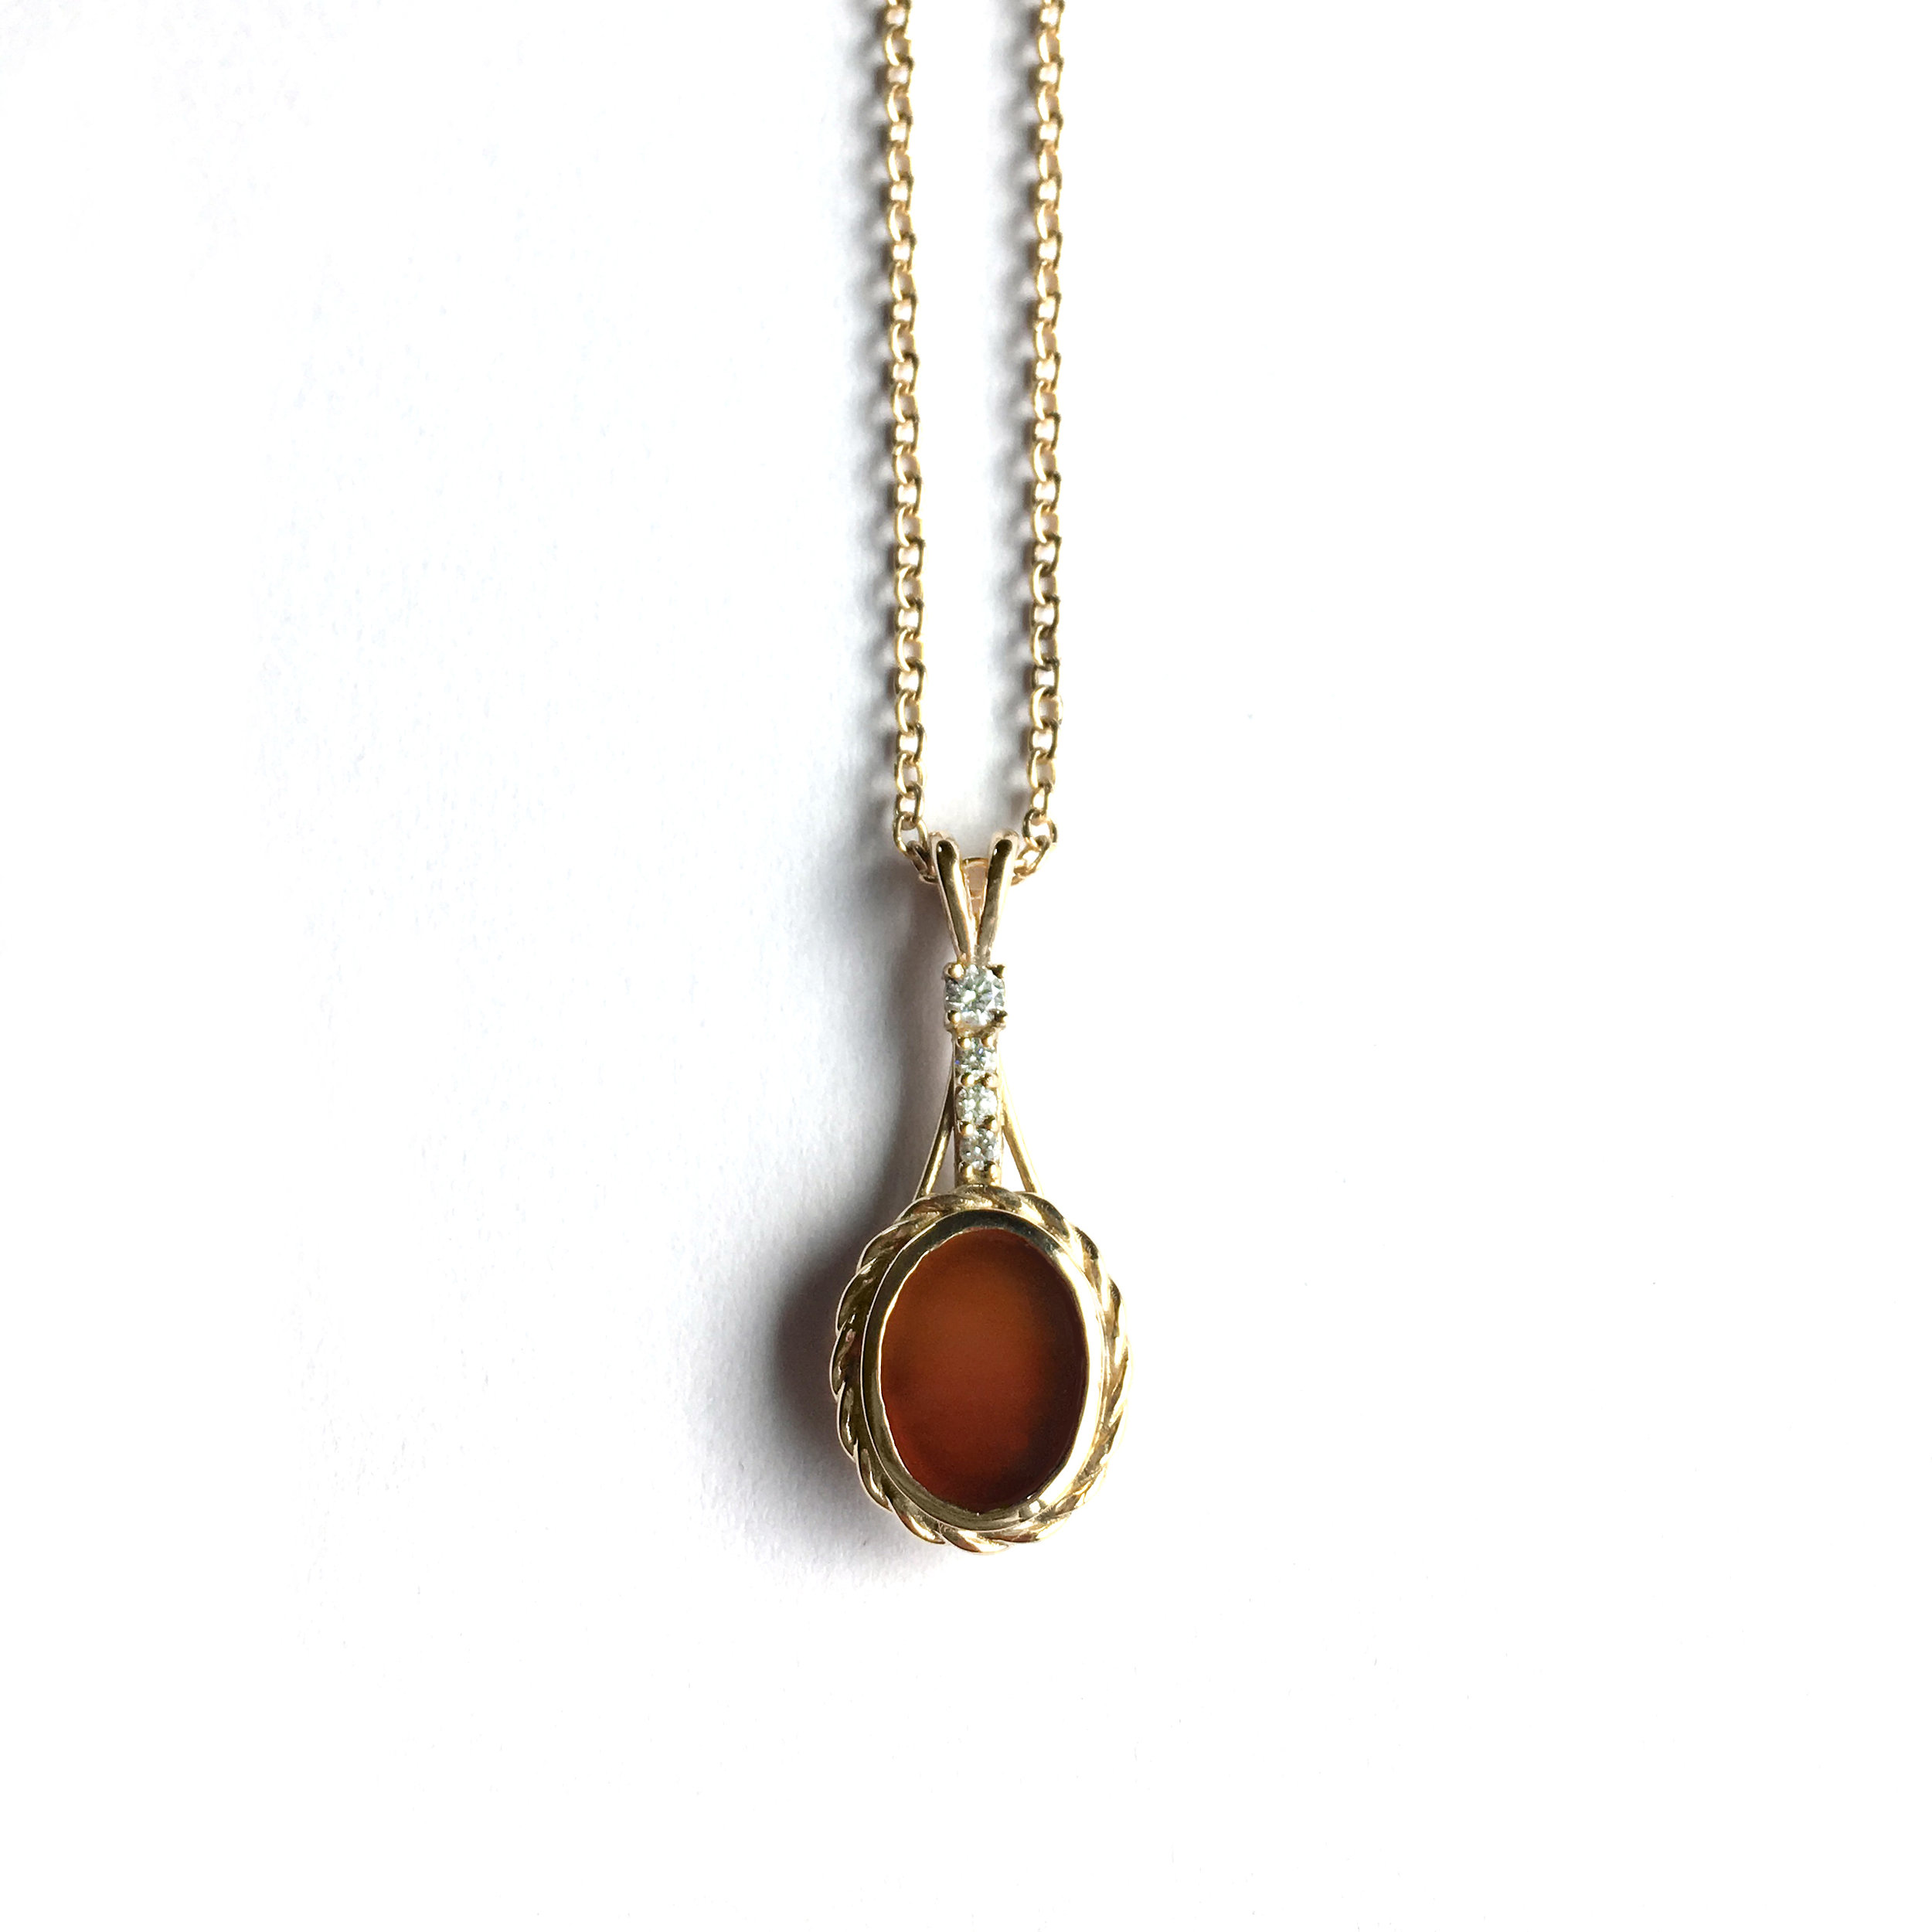 14ky Carnelian necklace with diamonds